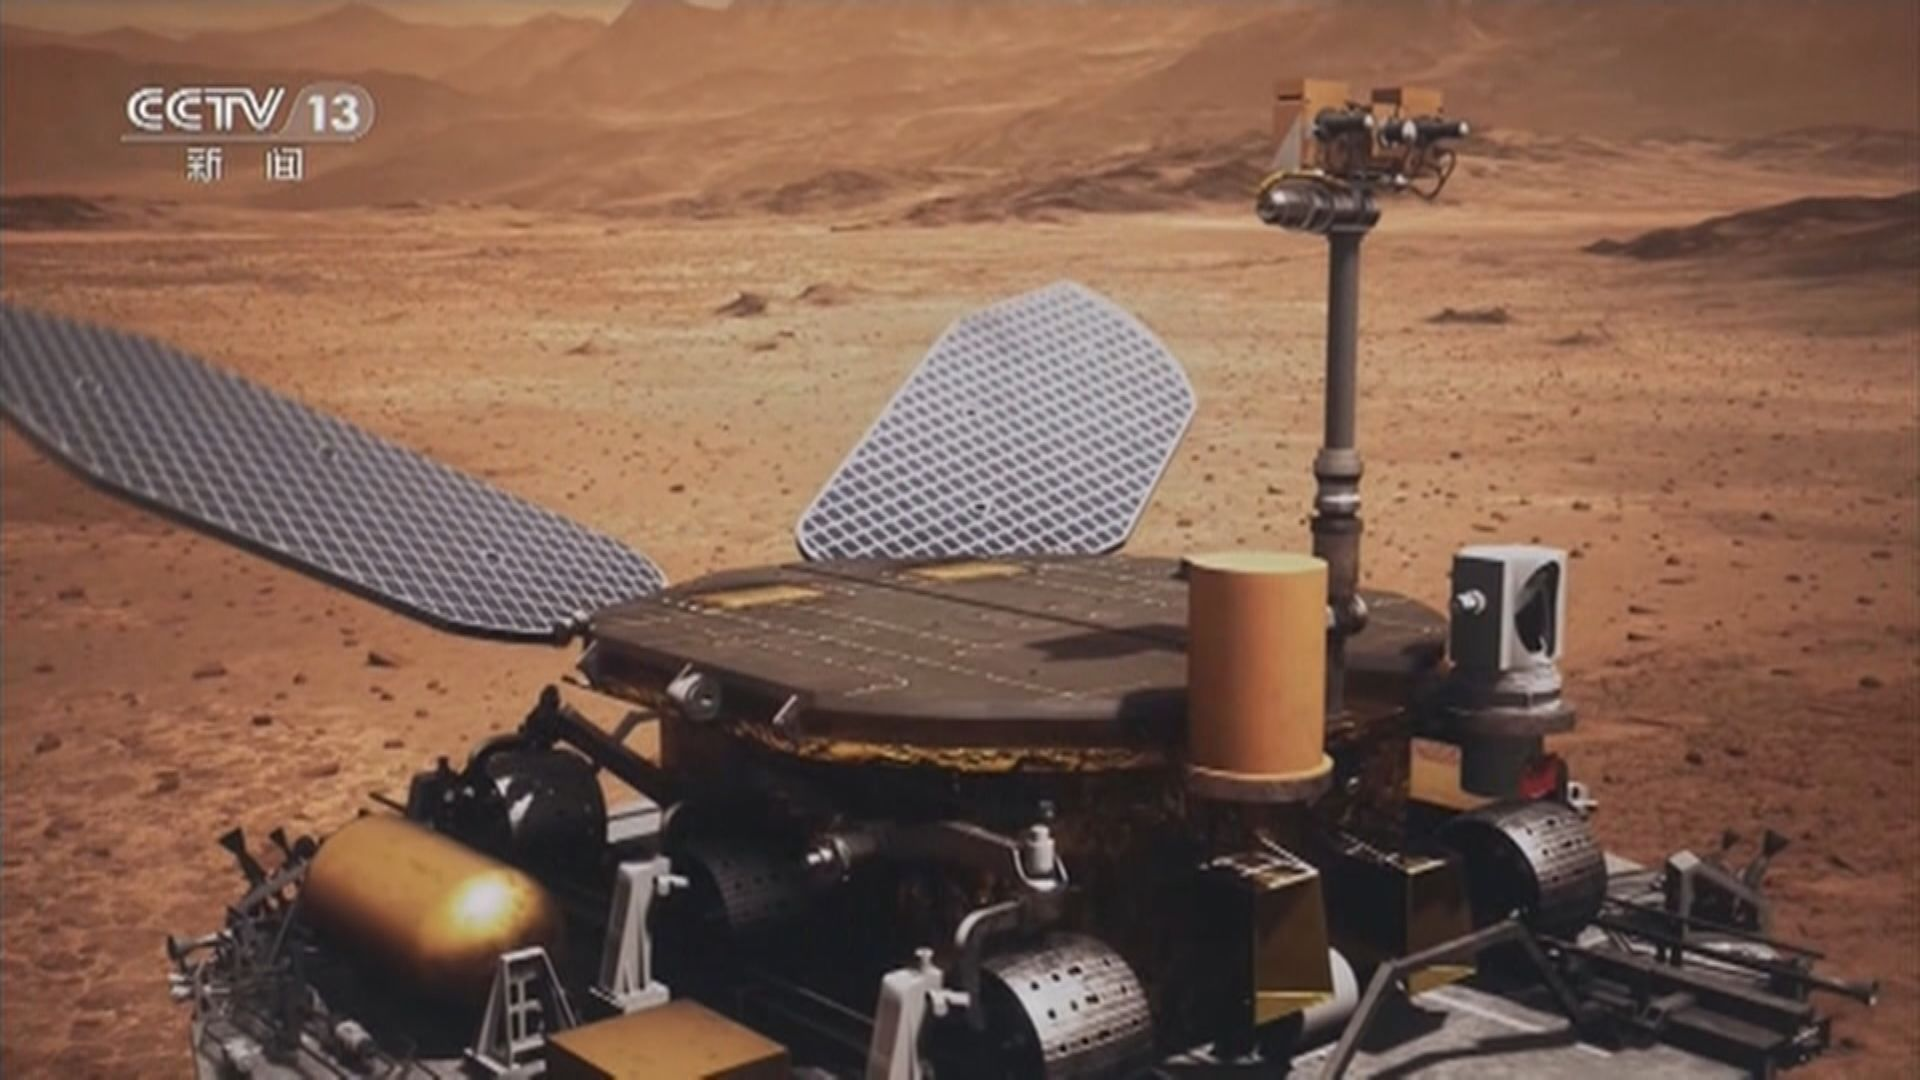 天問一號火星著陸 習近平:具里程碑意義的進展